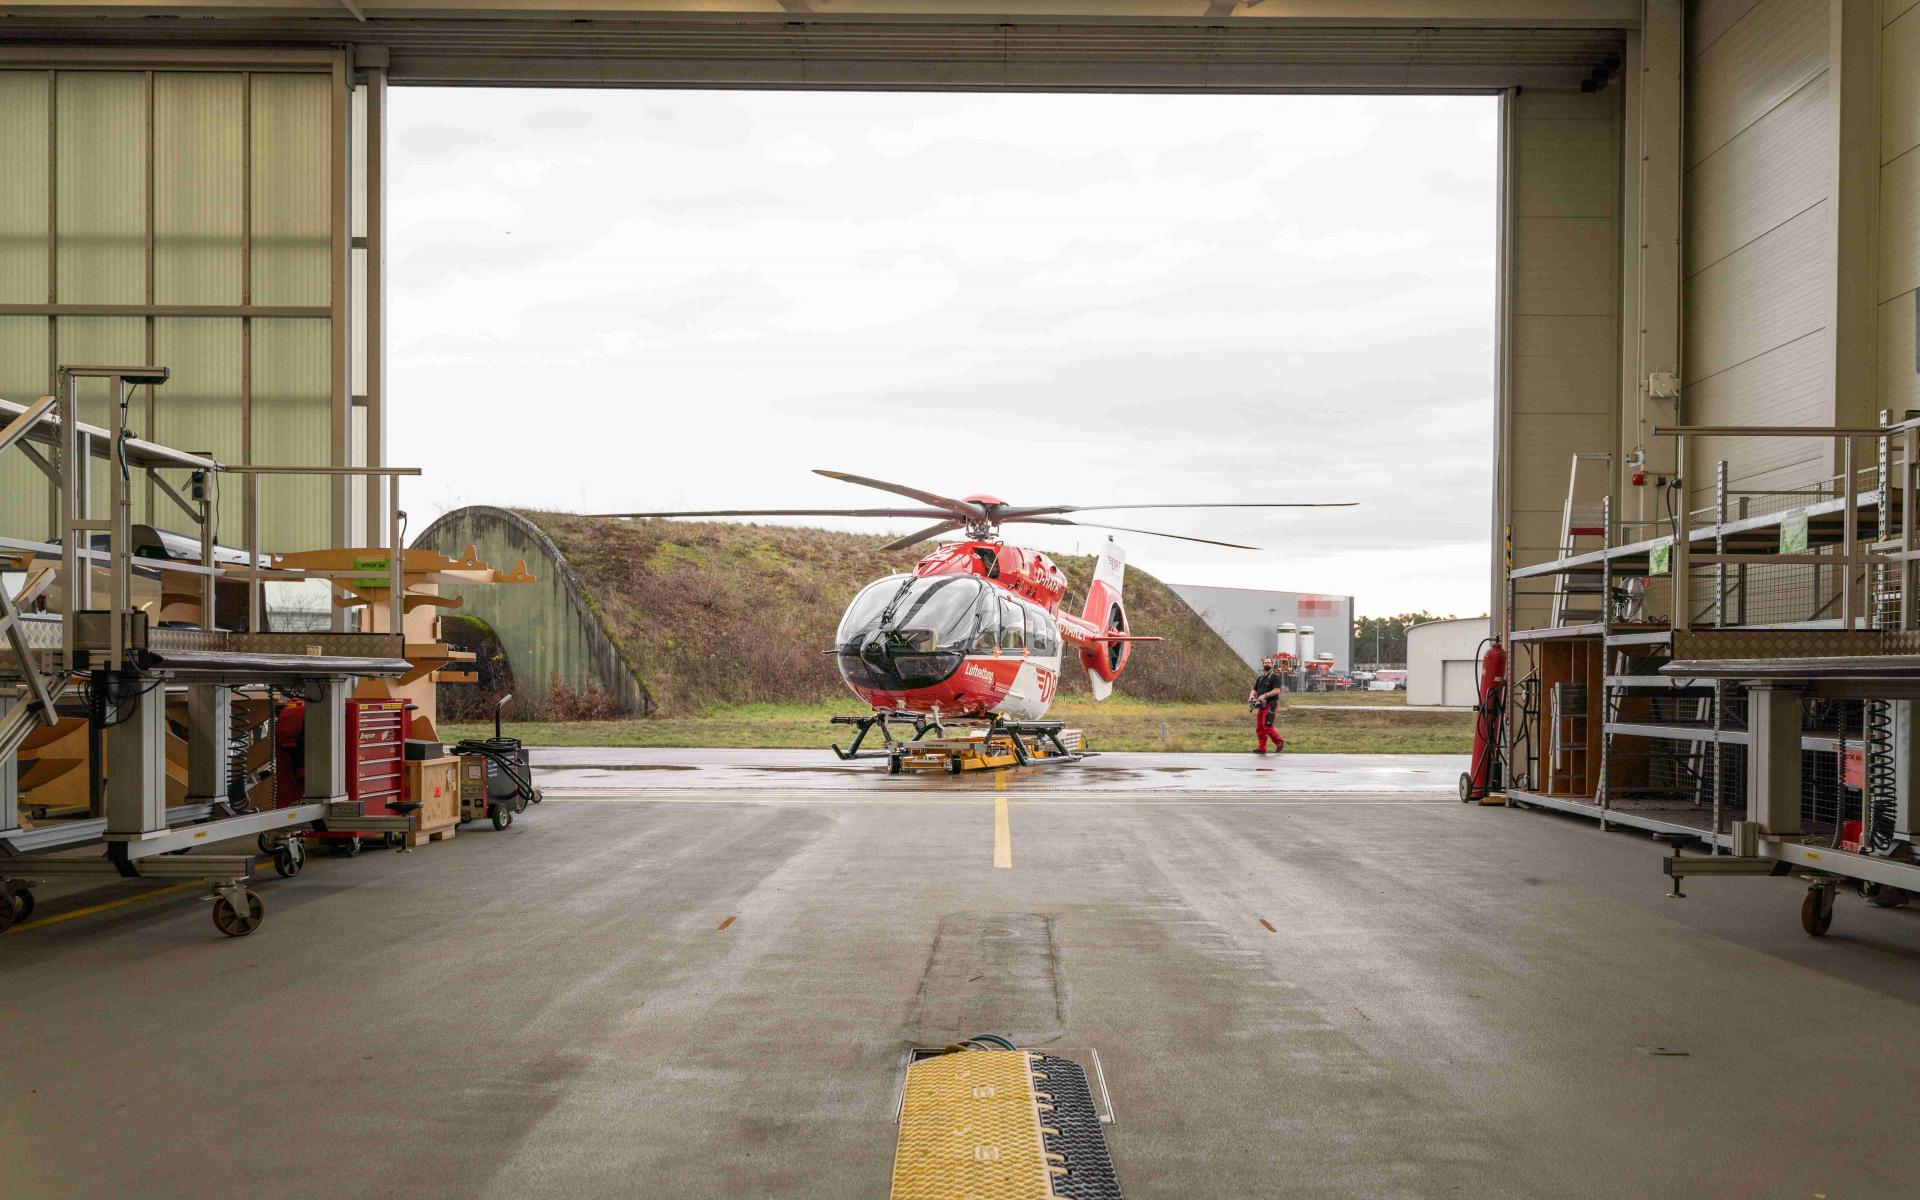 Erstmals fährt eine H145 mit Fünfblattrotor in die Werfthalle.